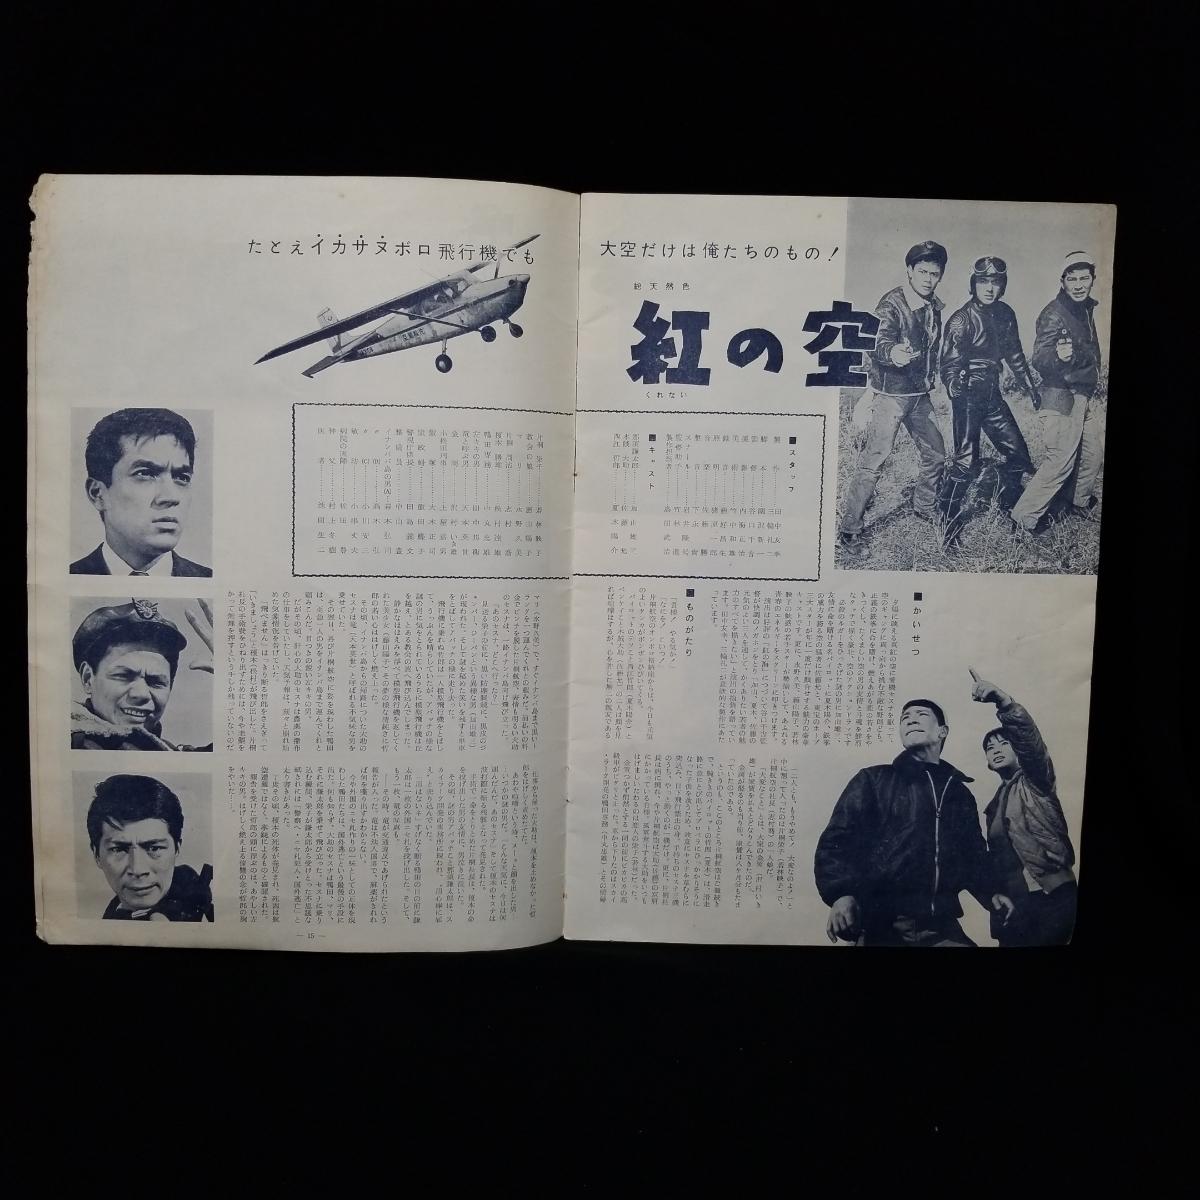 妖星ゴラス パンフレット 昭和37年 当時物 東宝 円谷英二 特撮映画_画像8